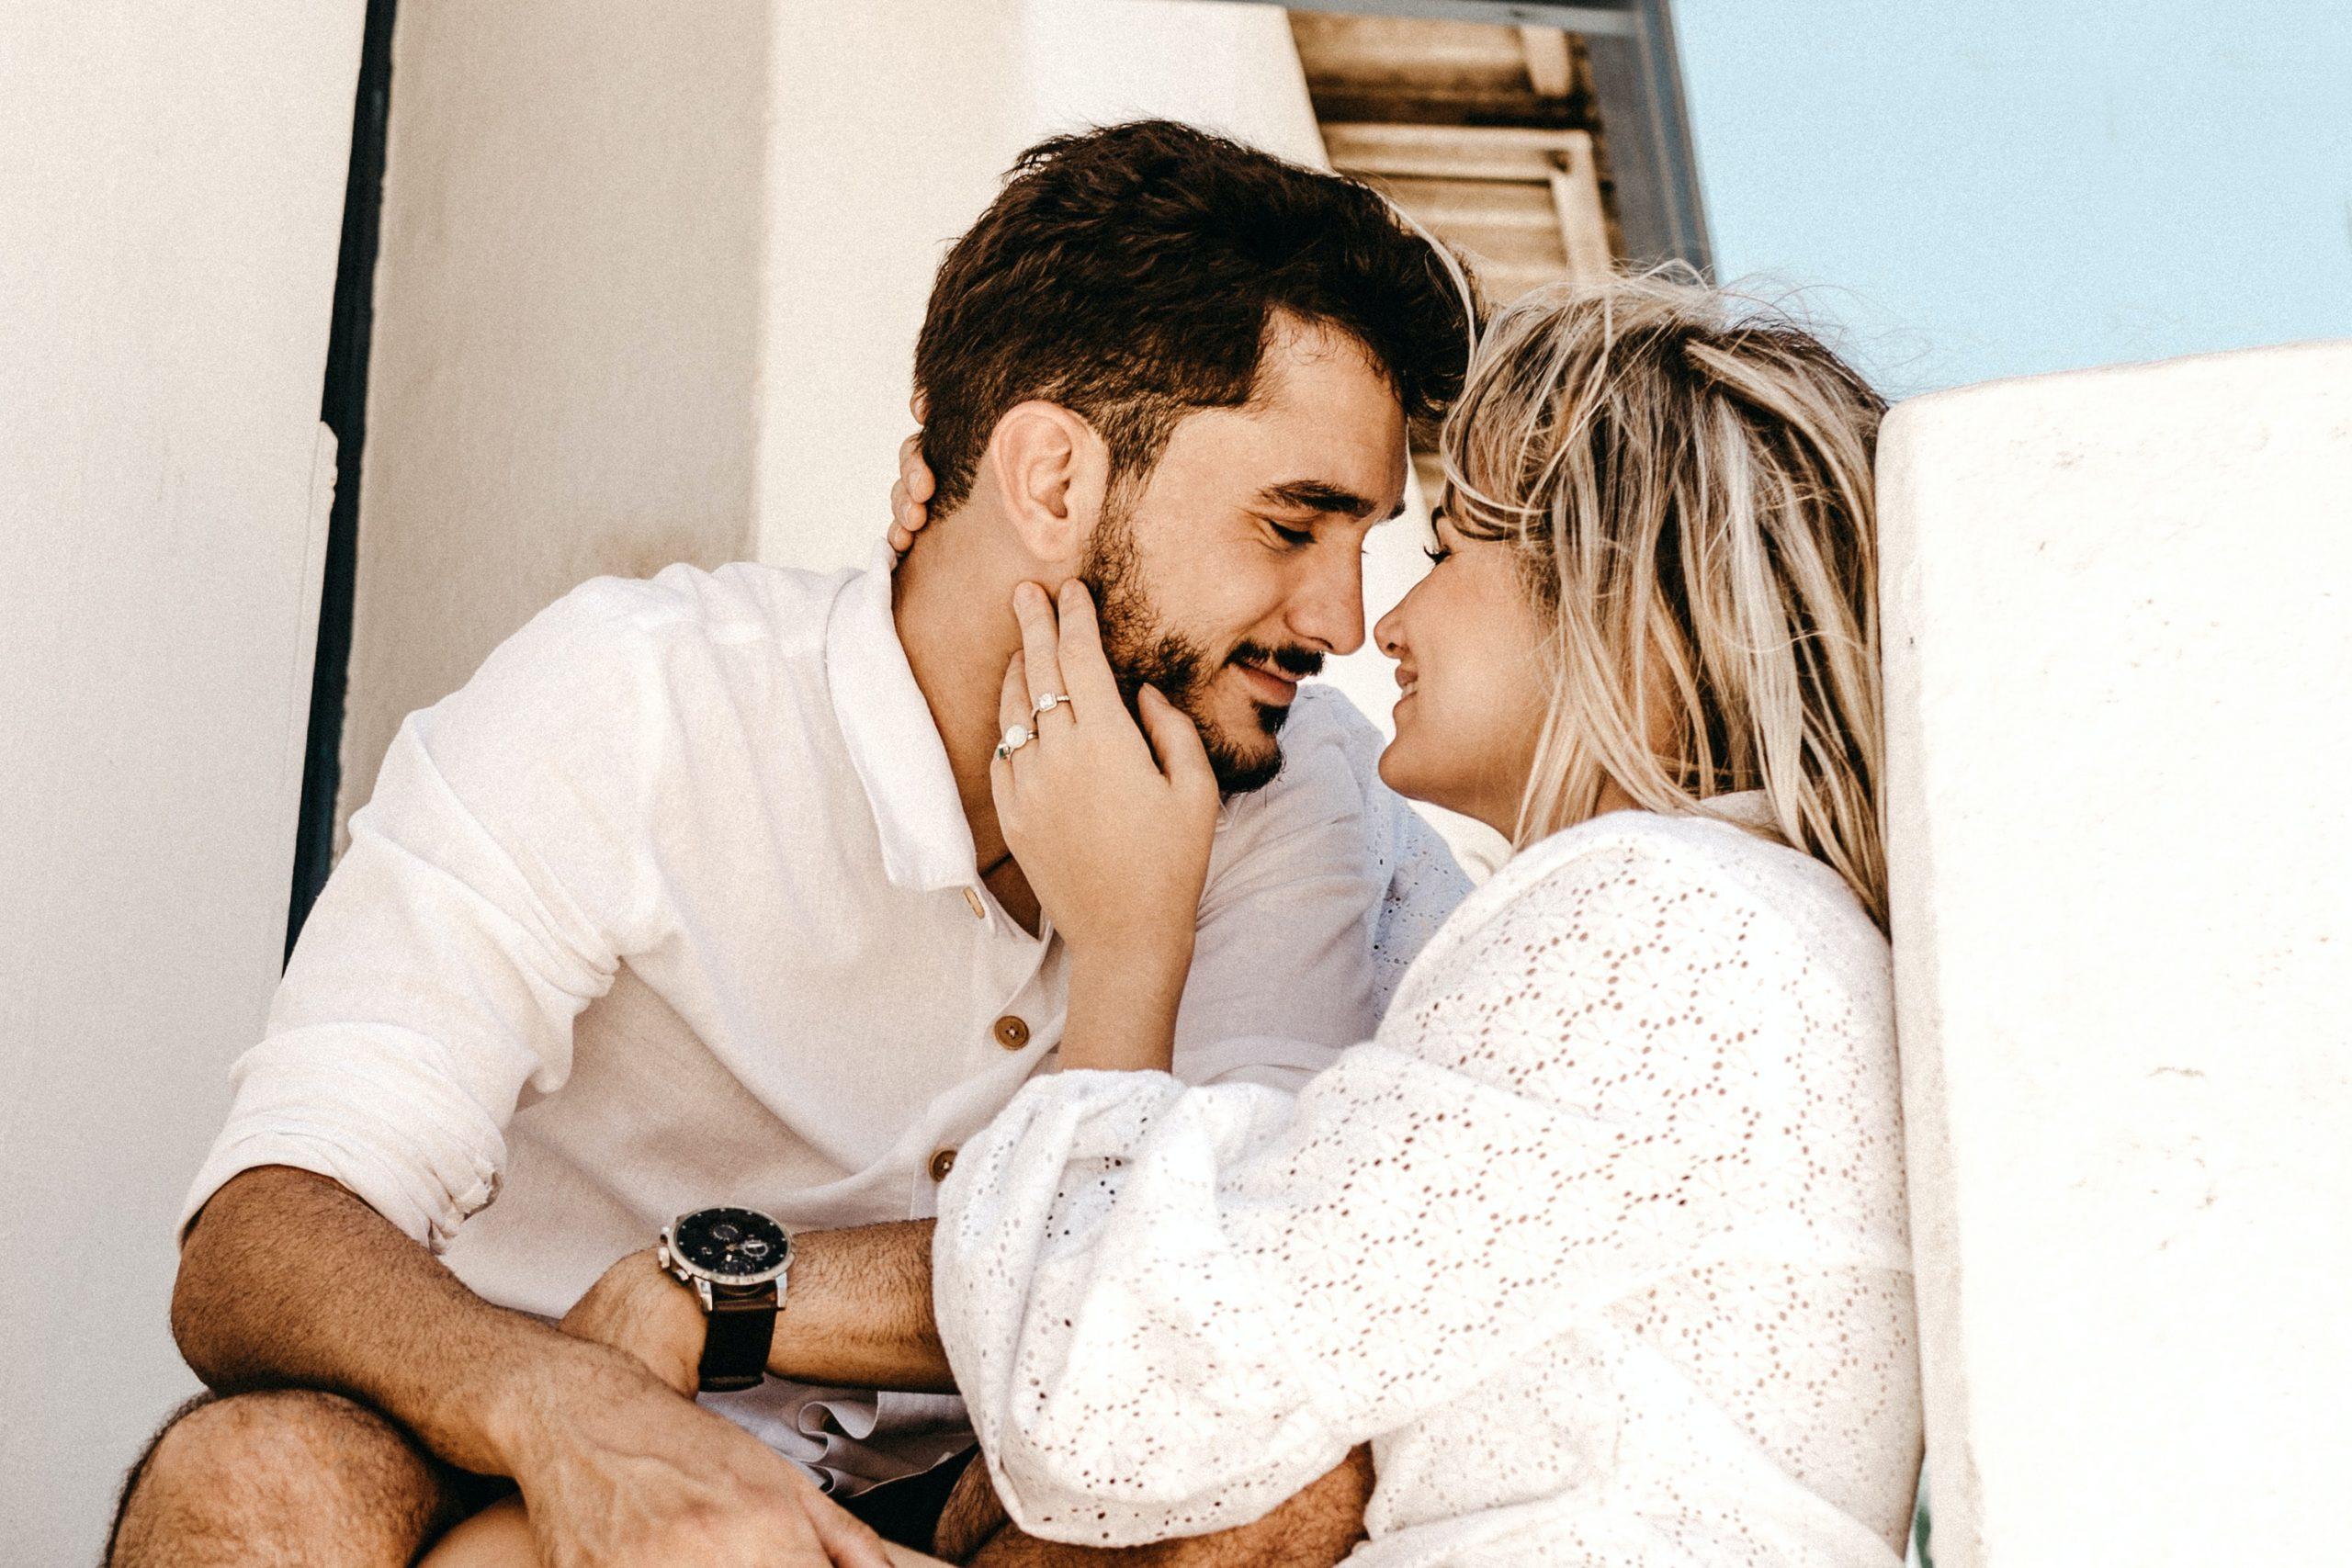 Mi van, ha még nem vagyok érett a szerelmedre?